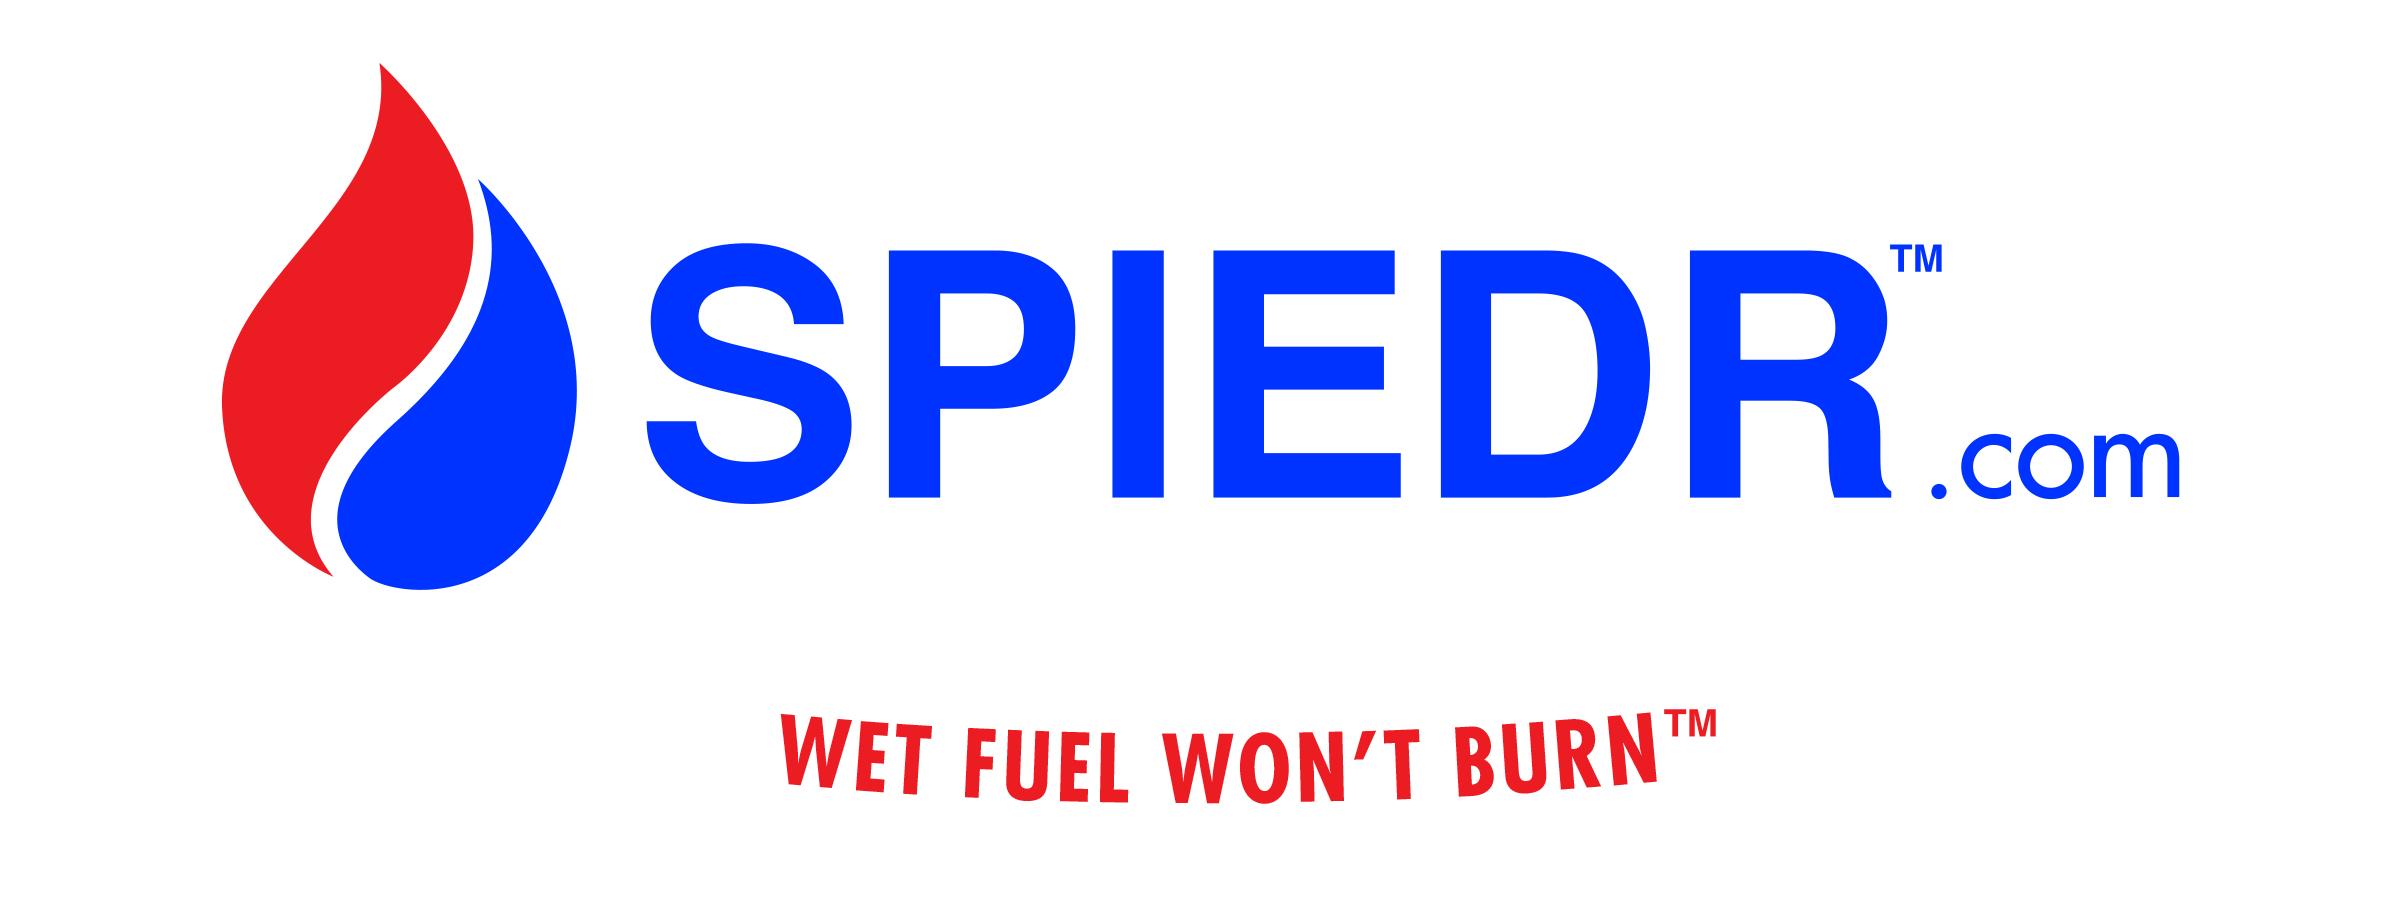 spiedr wet fuel won't burn